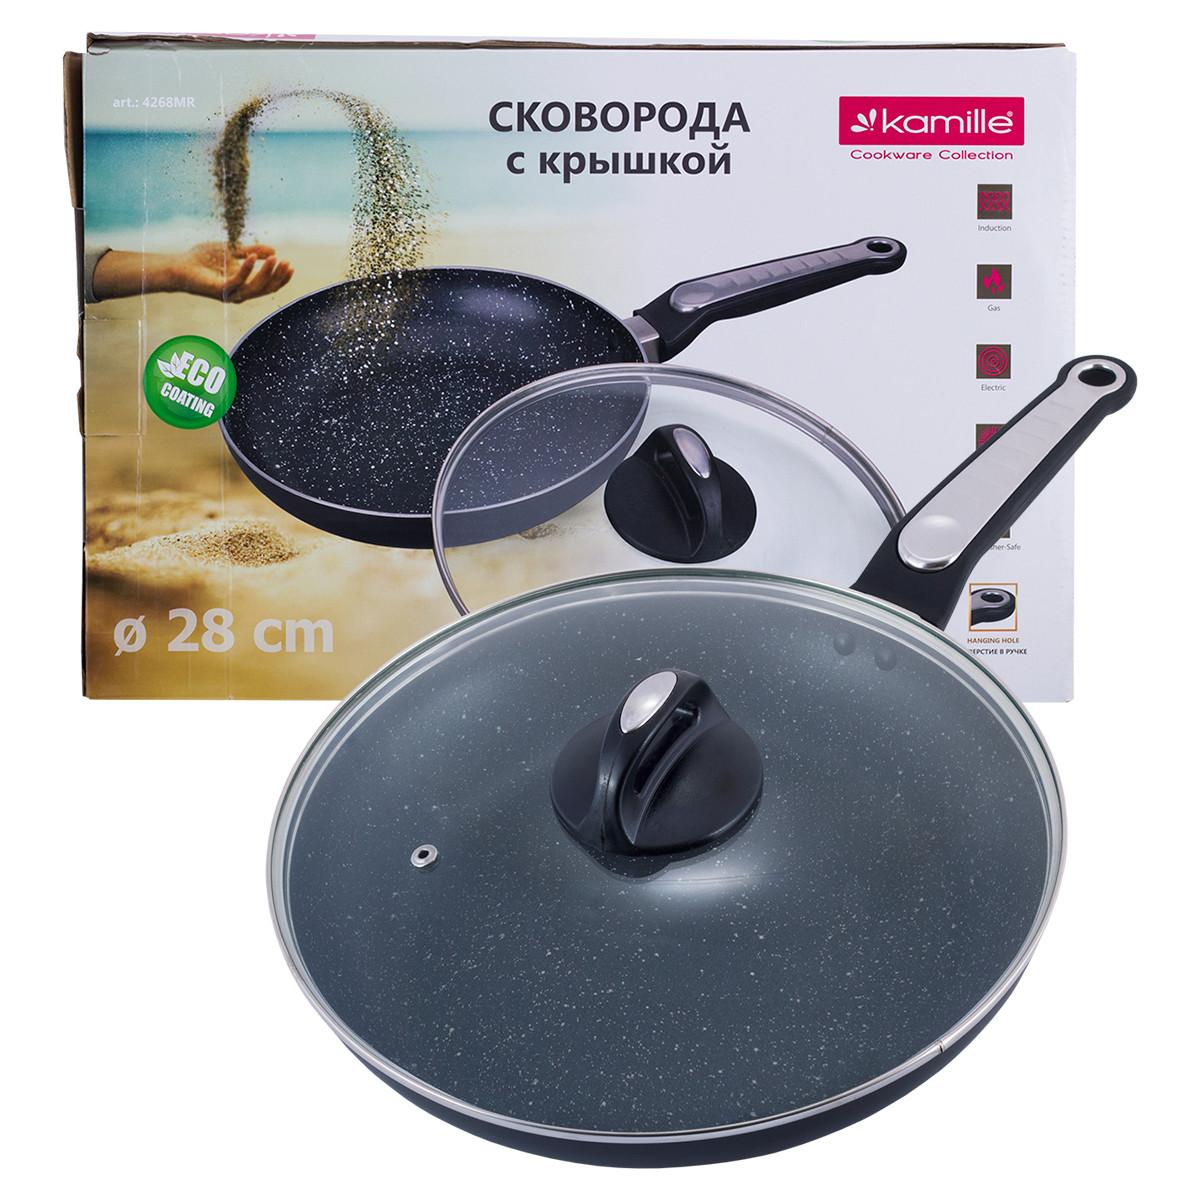 Сковорода Kamille 28см с мраморным покрытием и крышкой для индукции и газа KM-4268MR